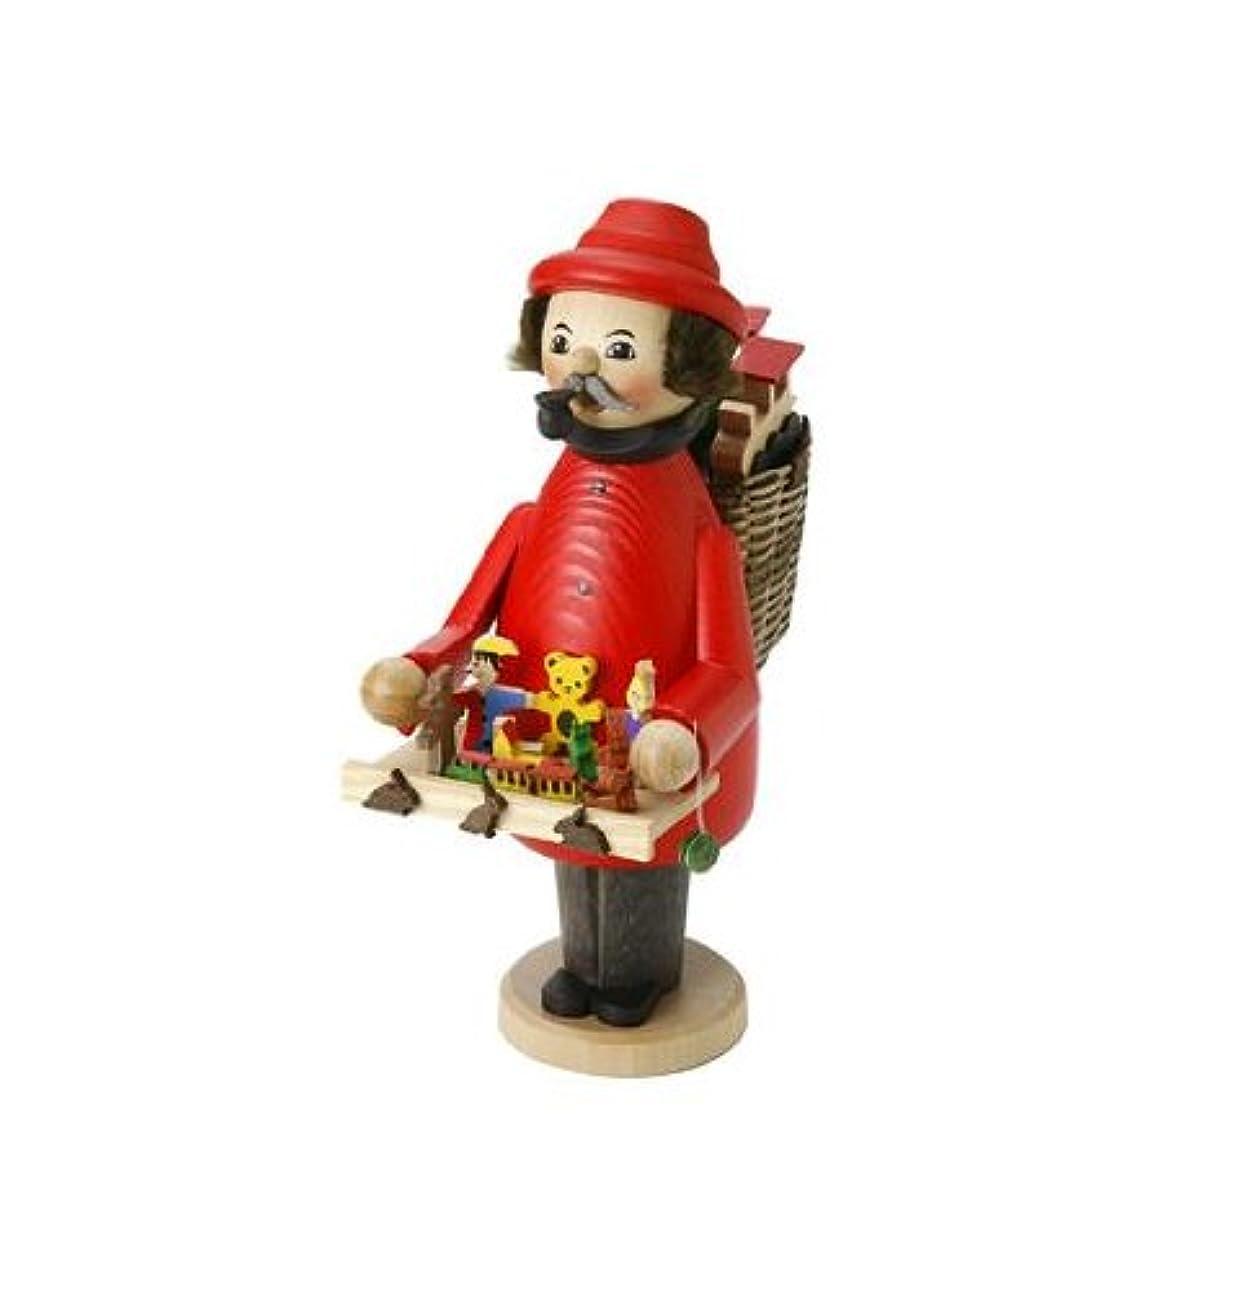 速記コカインストレスの多いミニパイプ人形香炉 おもちゃ売り